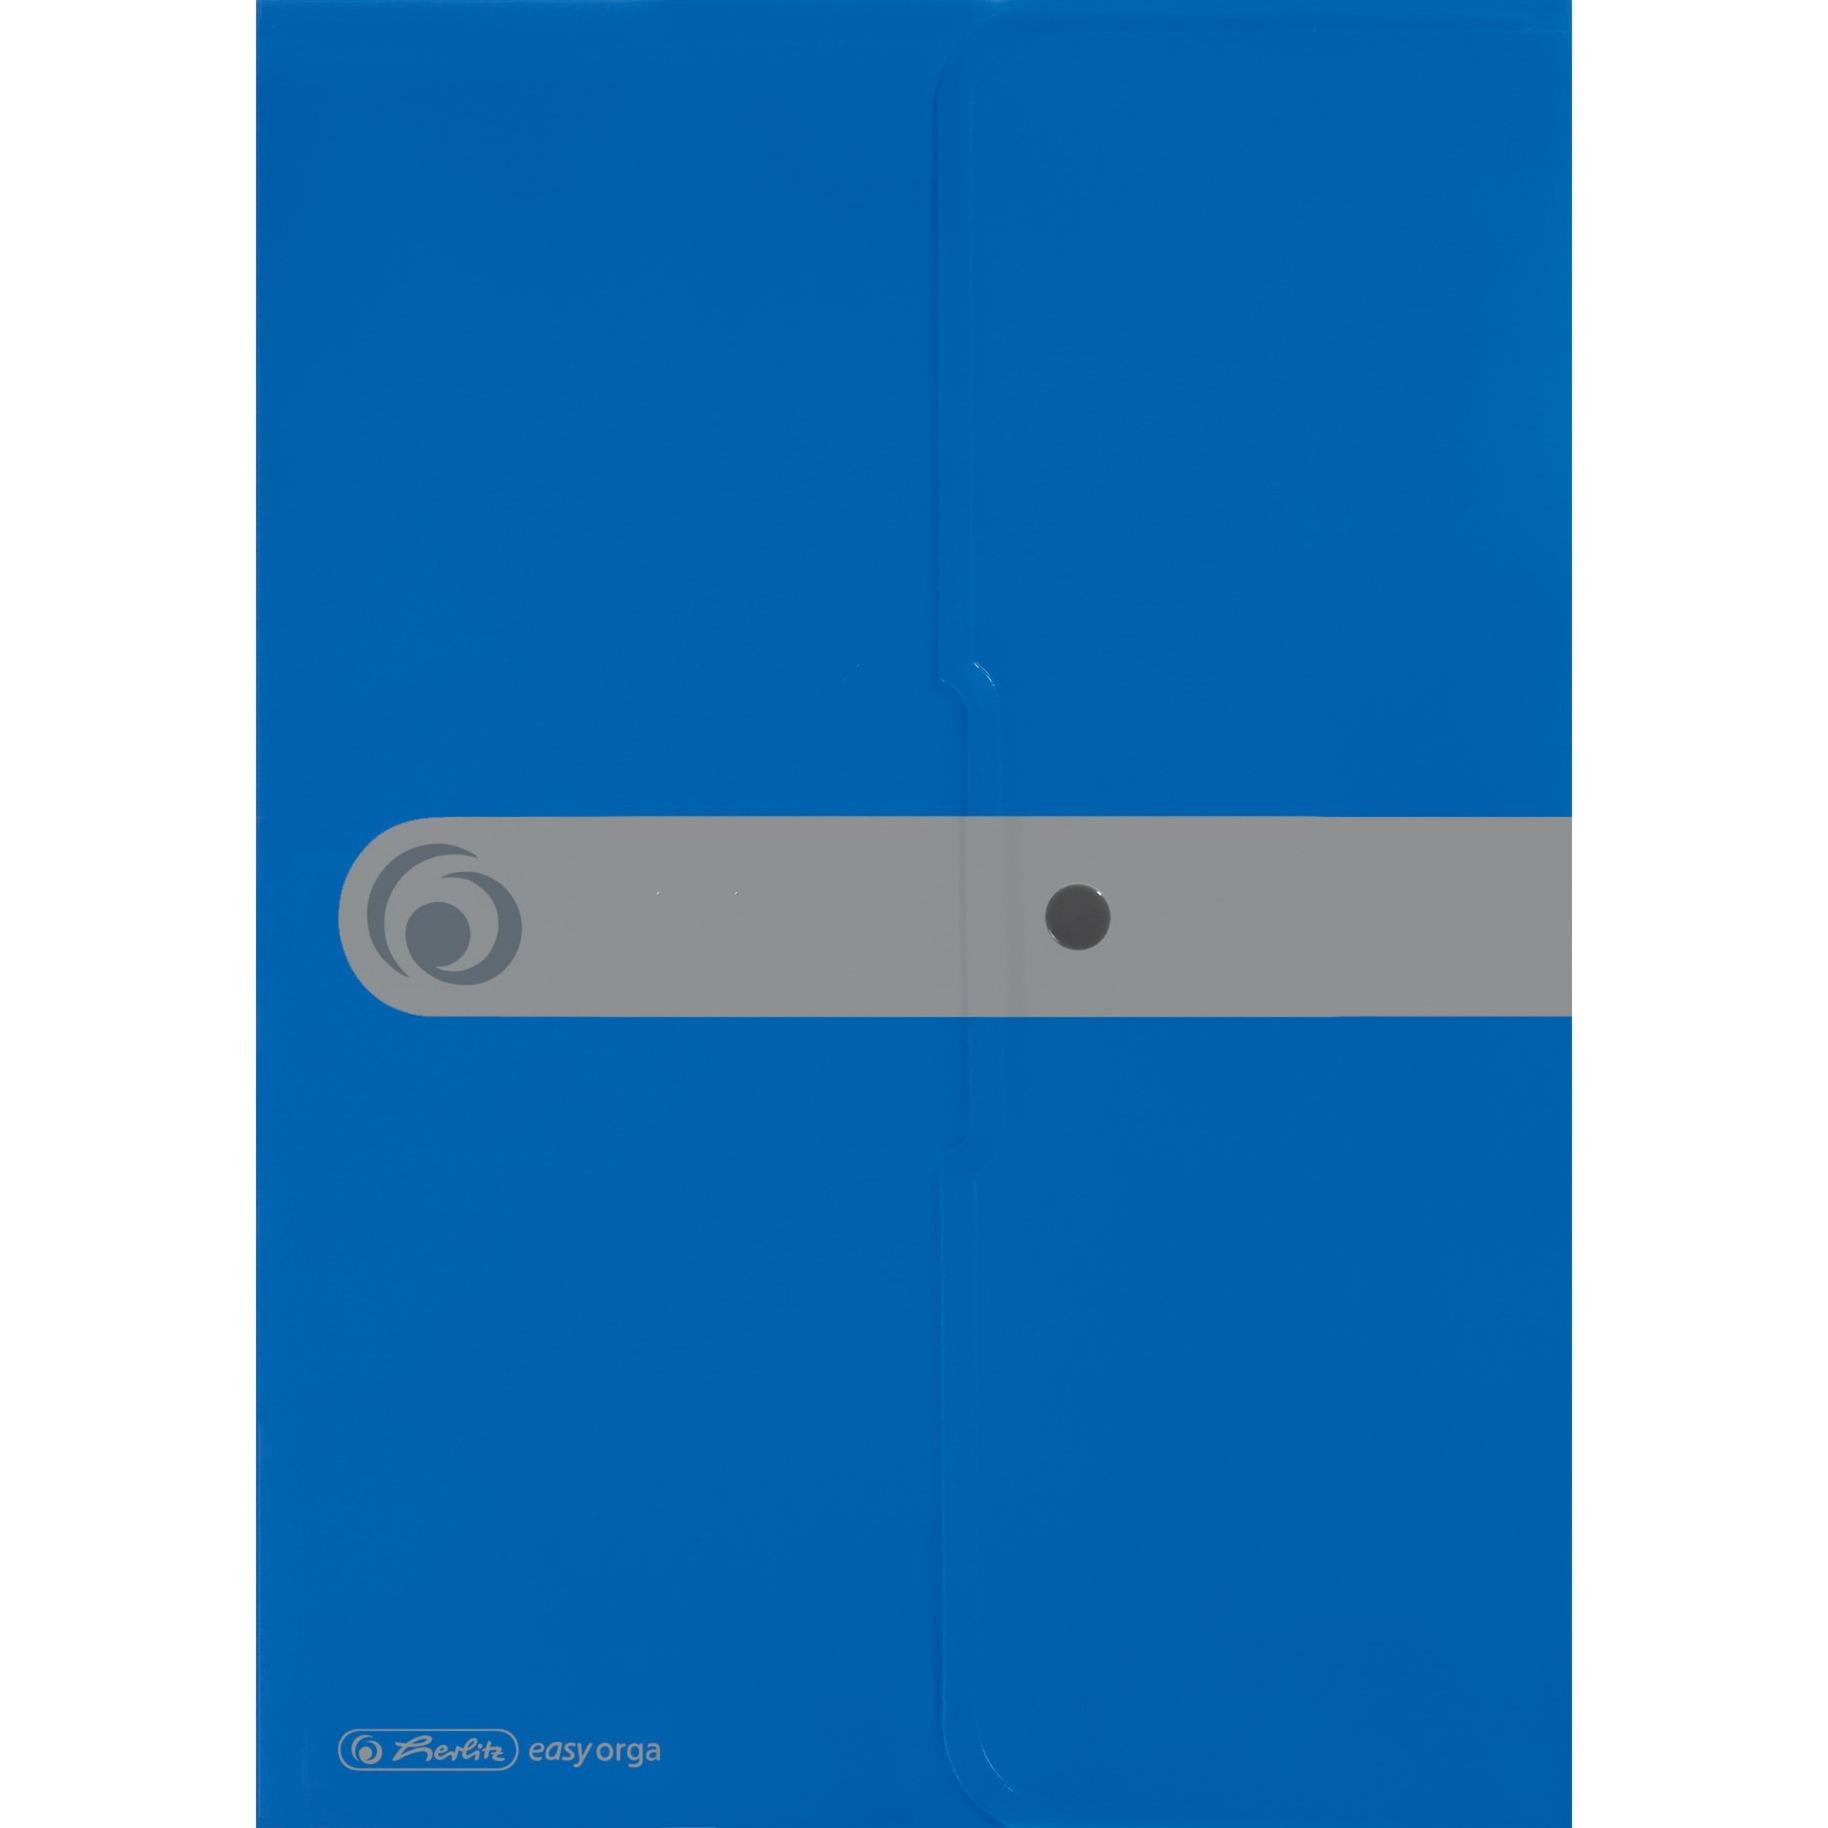 11206703 Polipropileno (PP) Azul carpeta, Bolsa